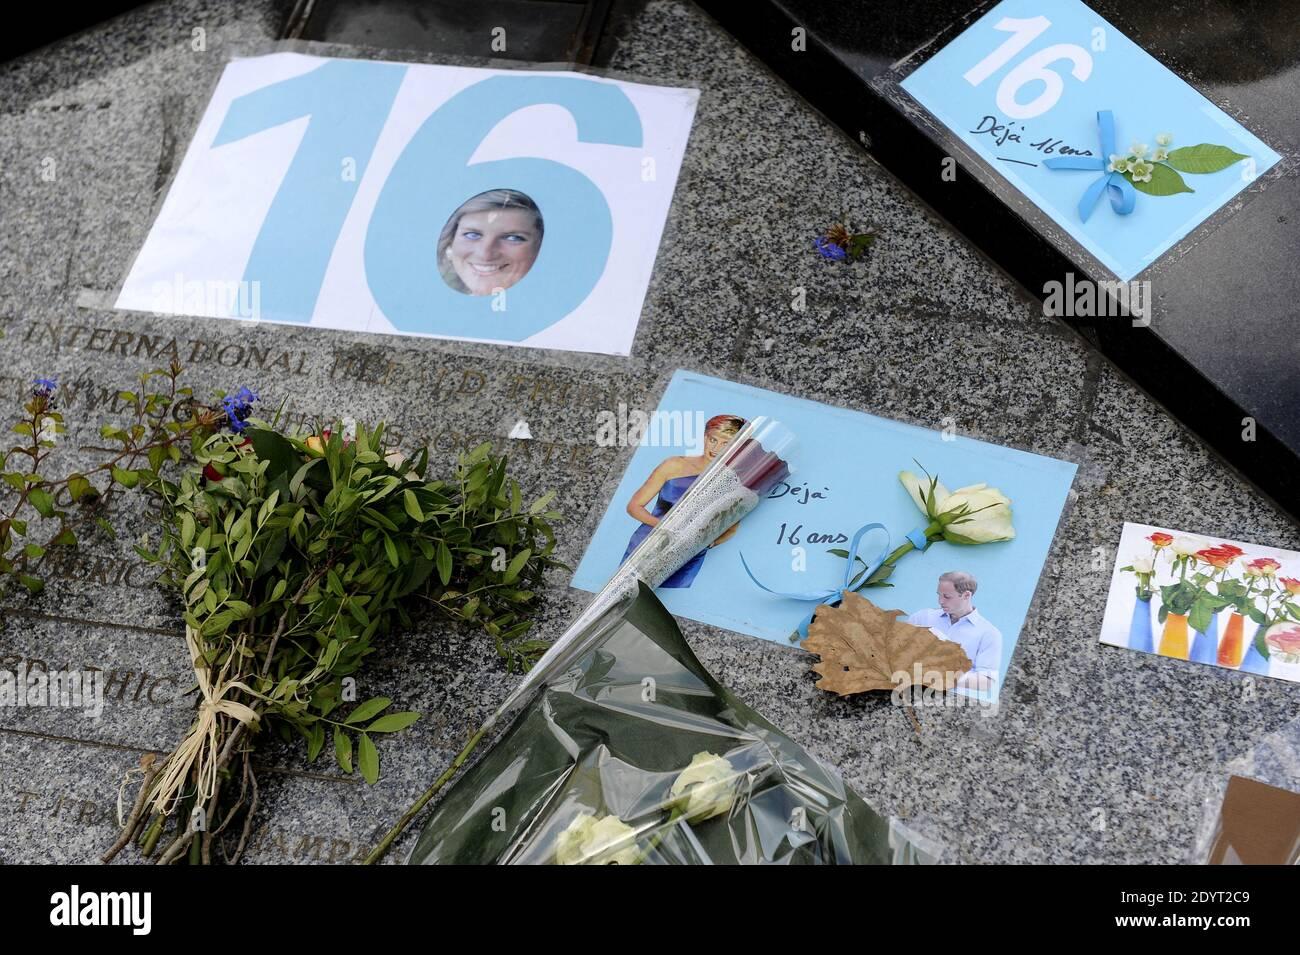 Vue de la flamme de la liberté, devenue un mémorial officieux de la princesse Diana, est photographiée avant le 16e anniversaire de sa mort, près du site de l'accident de voiture dans le tunnel du Pont de l'Alma, à Paris, en France, le 29 août 2013. Photo de Mousse/ABACAPRESS.COM Banque D'Images